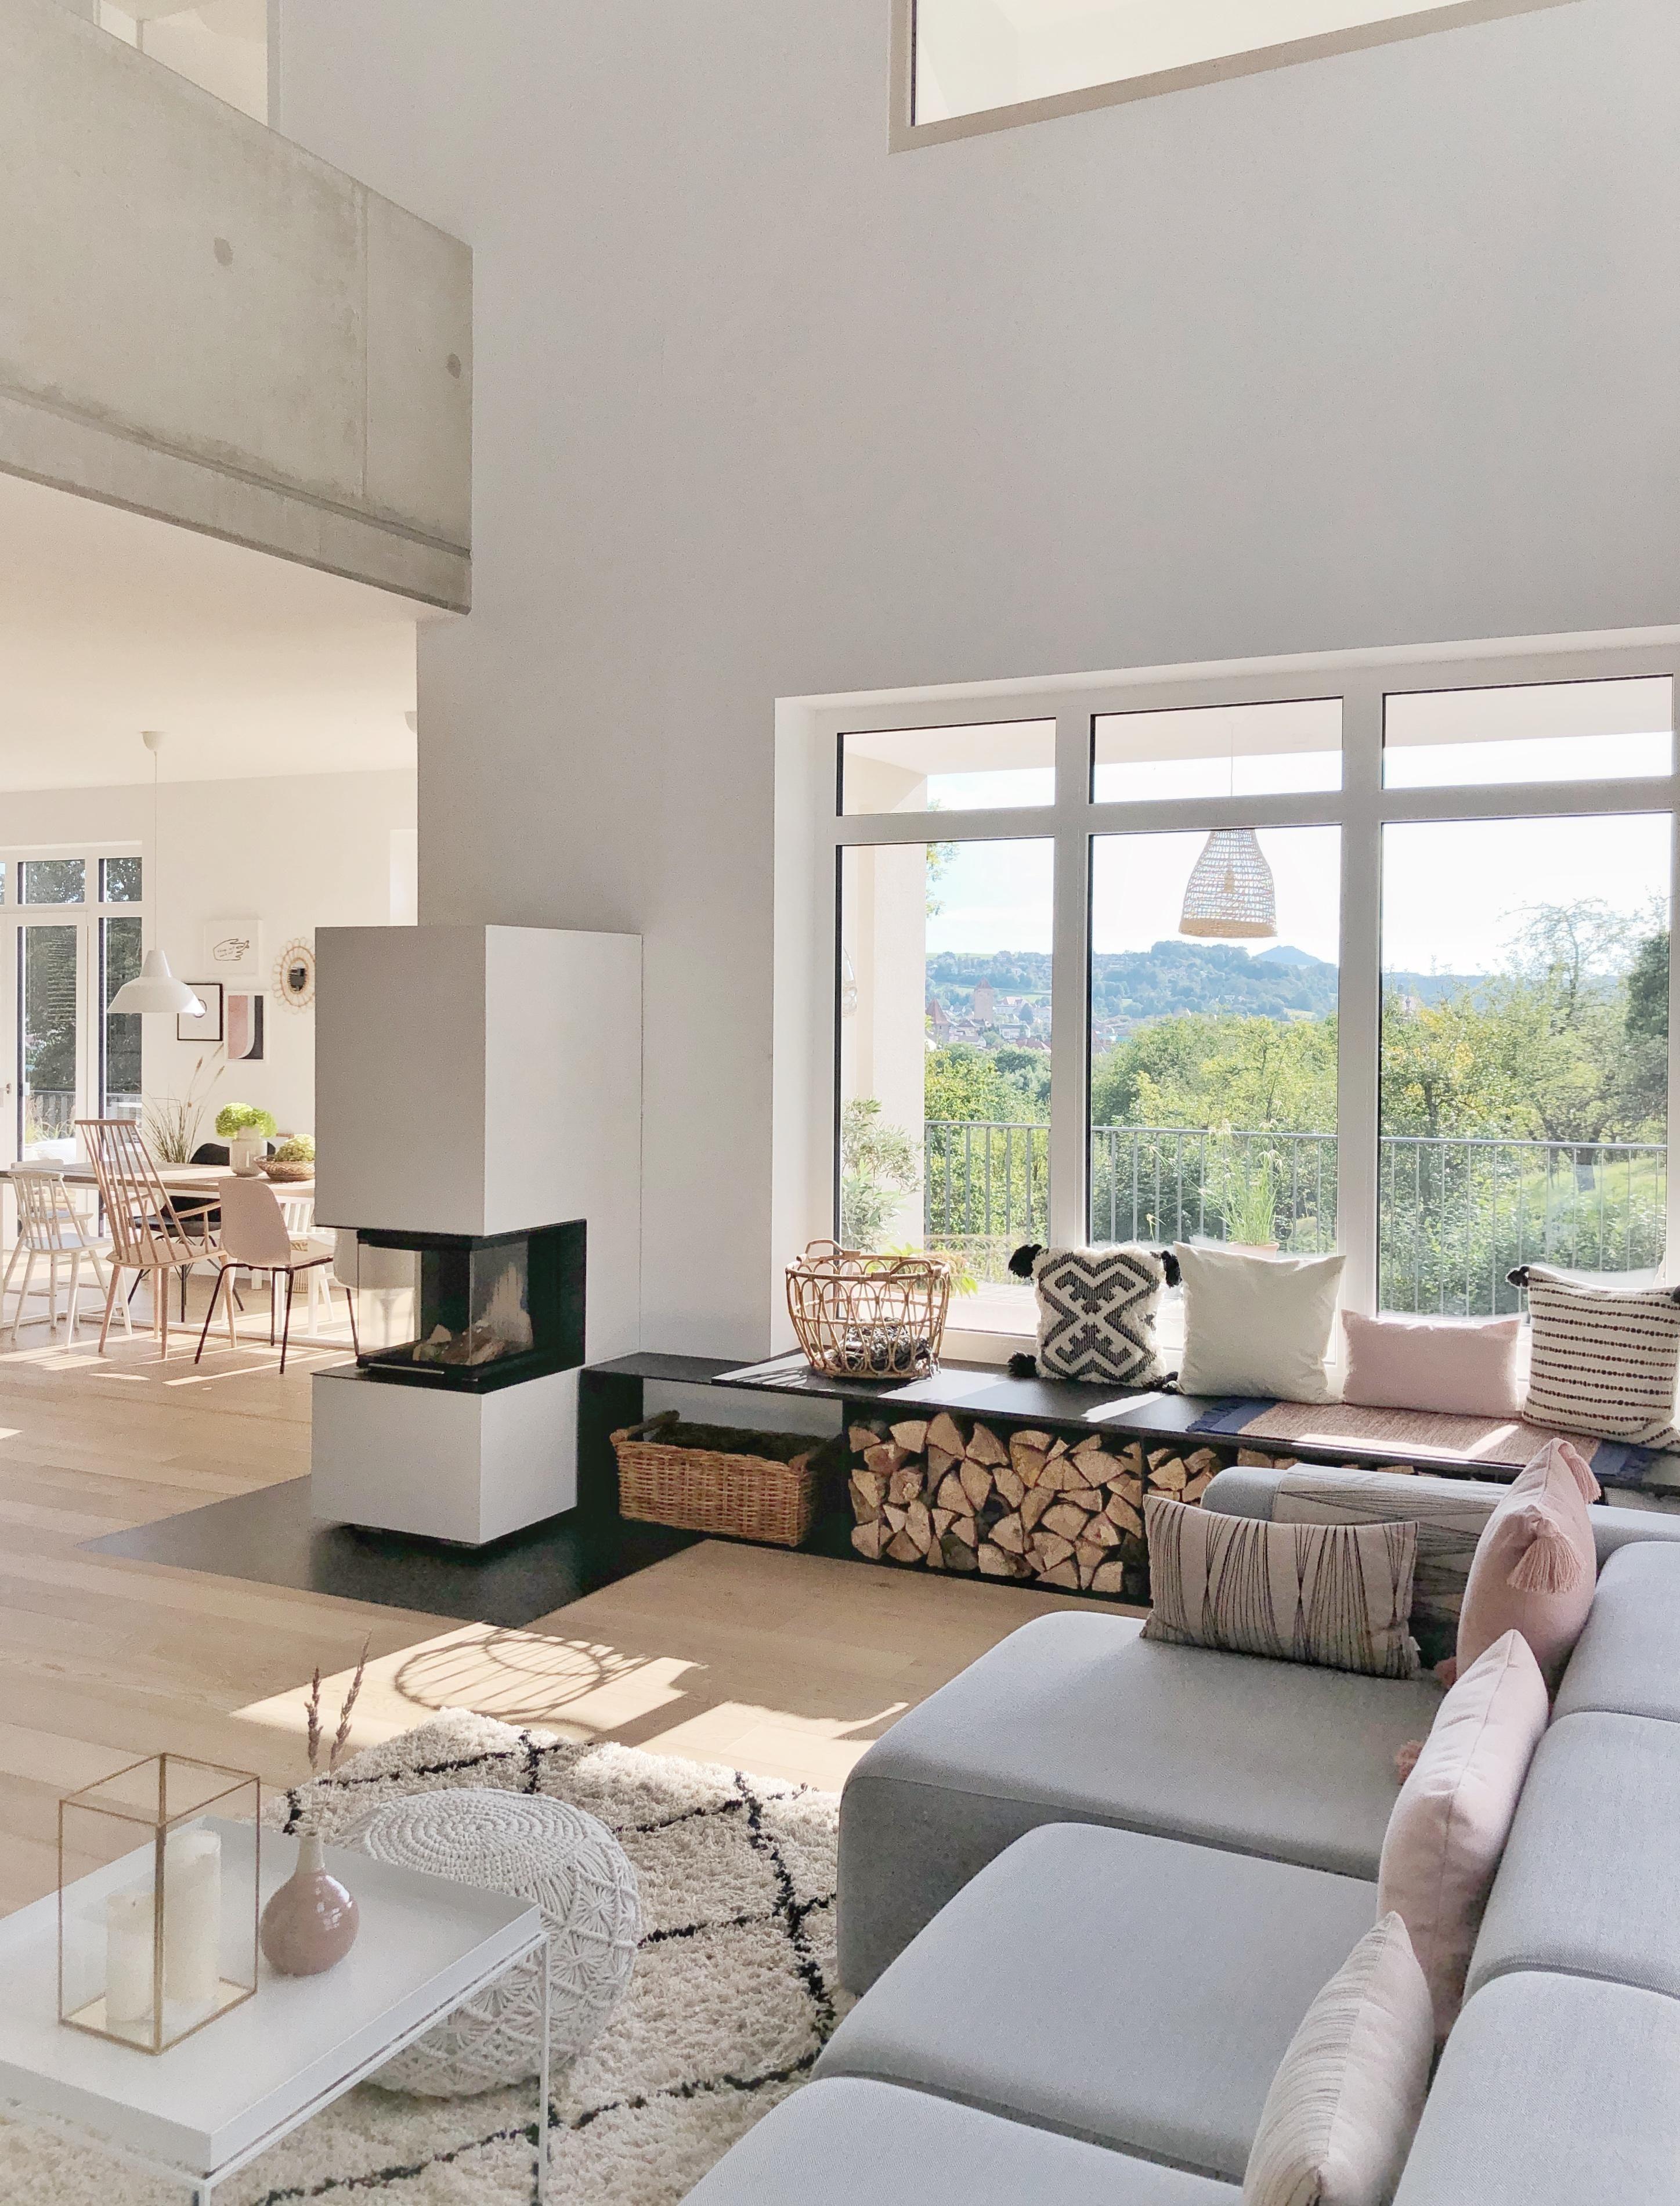 Photo of Sol de finales de verano en la casa # sala de estar # banco # …